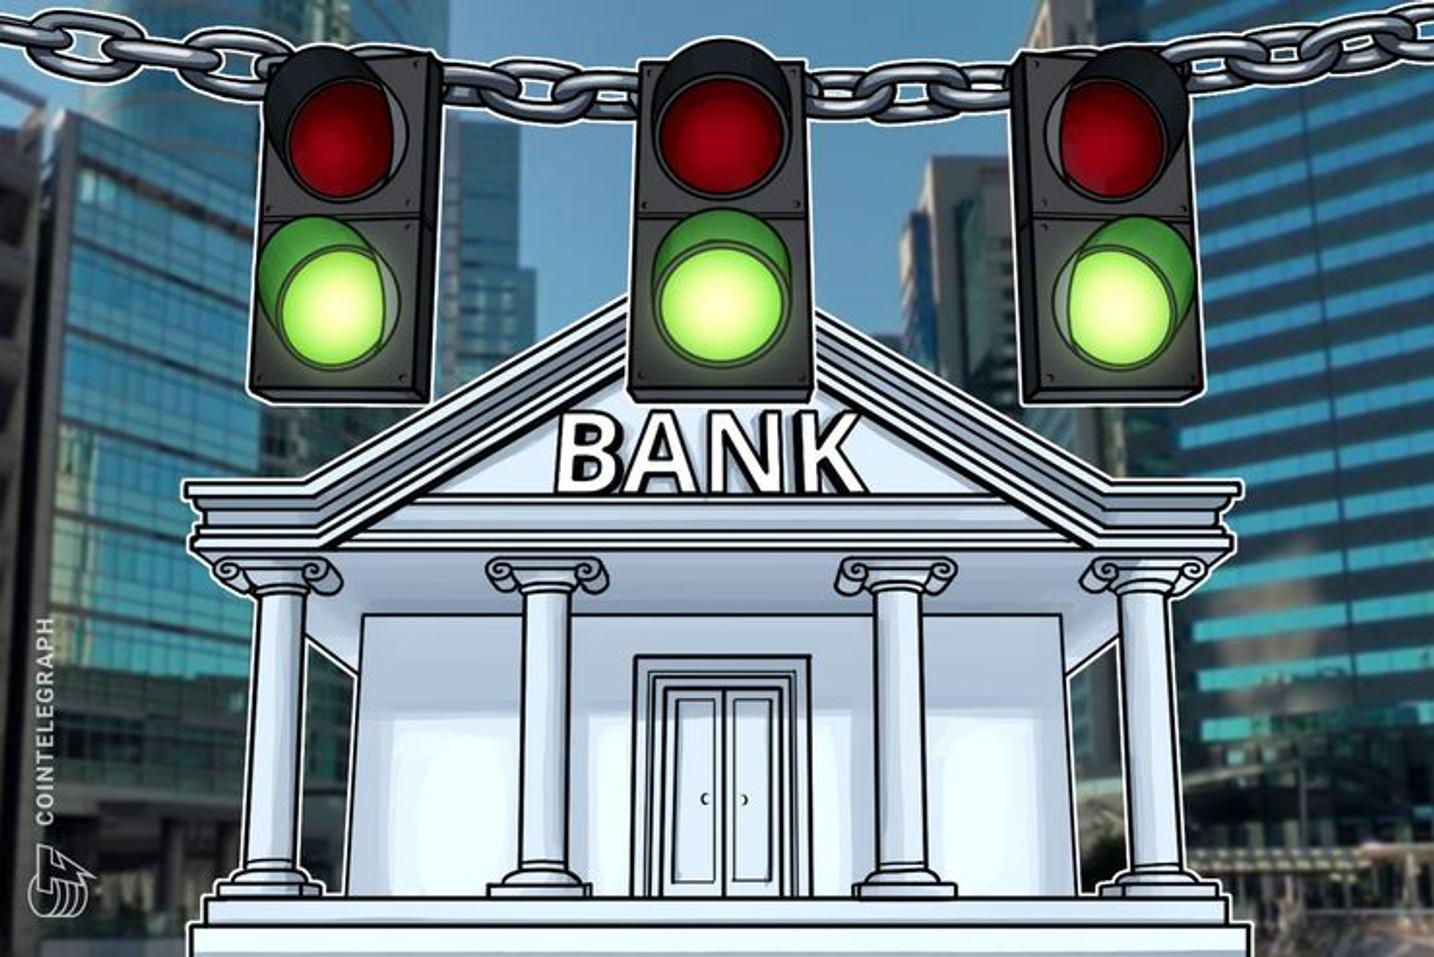 Empresas fintech y entidades financieras tradicionales quieren convertirse en bancos, en Colombia